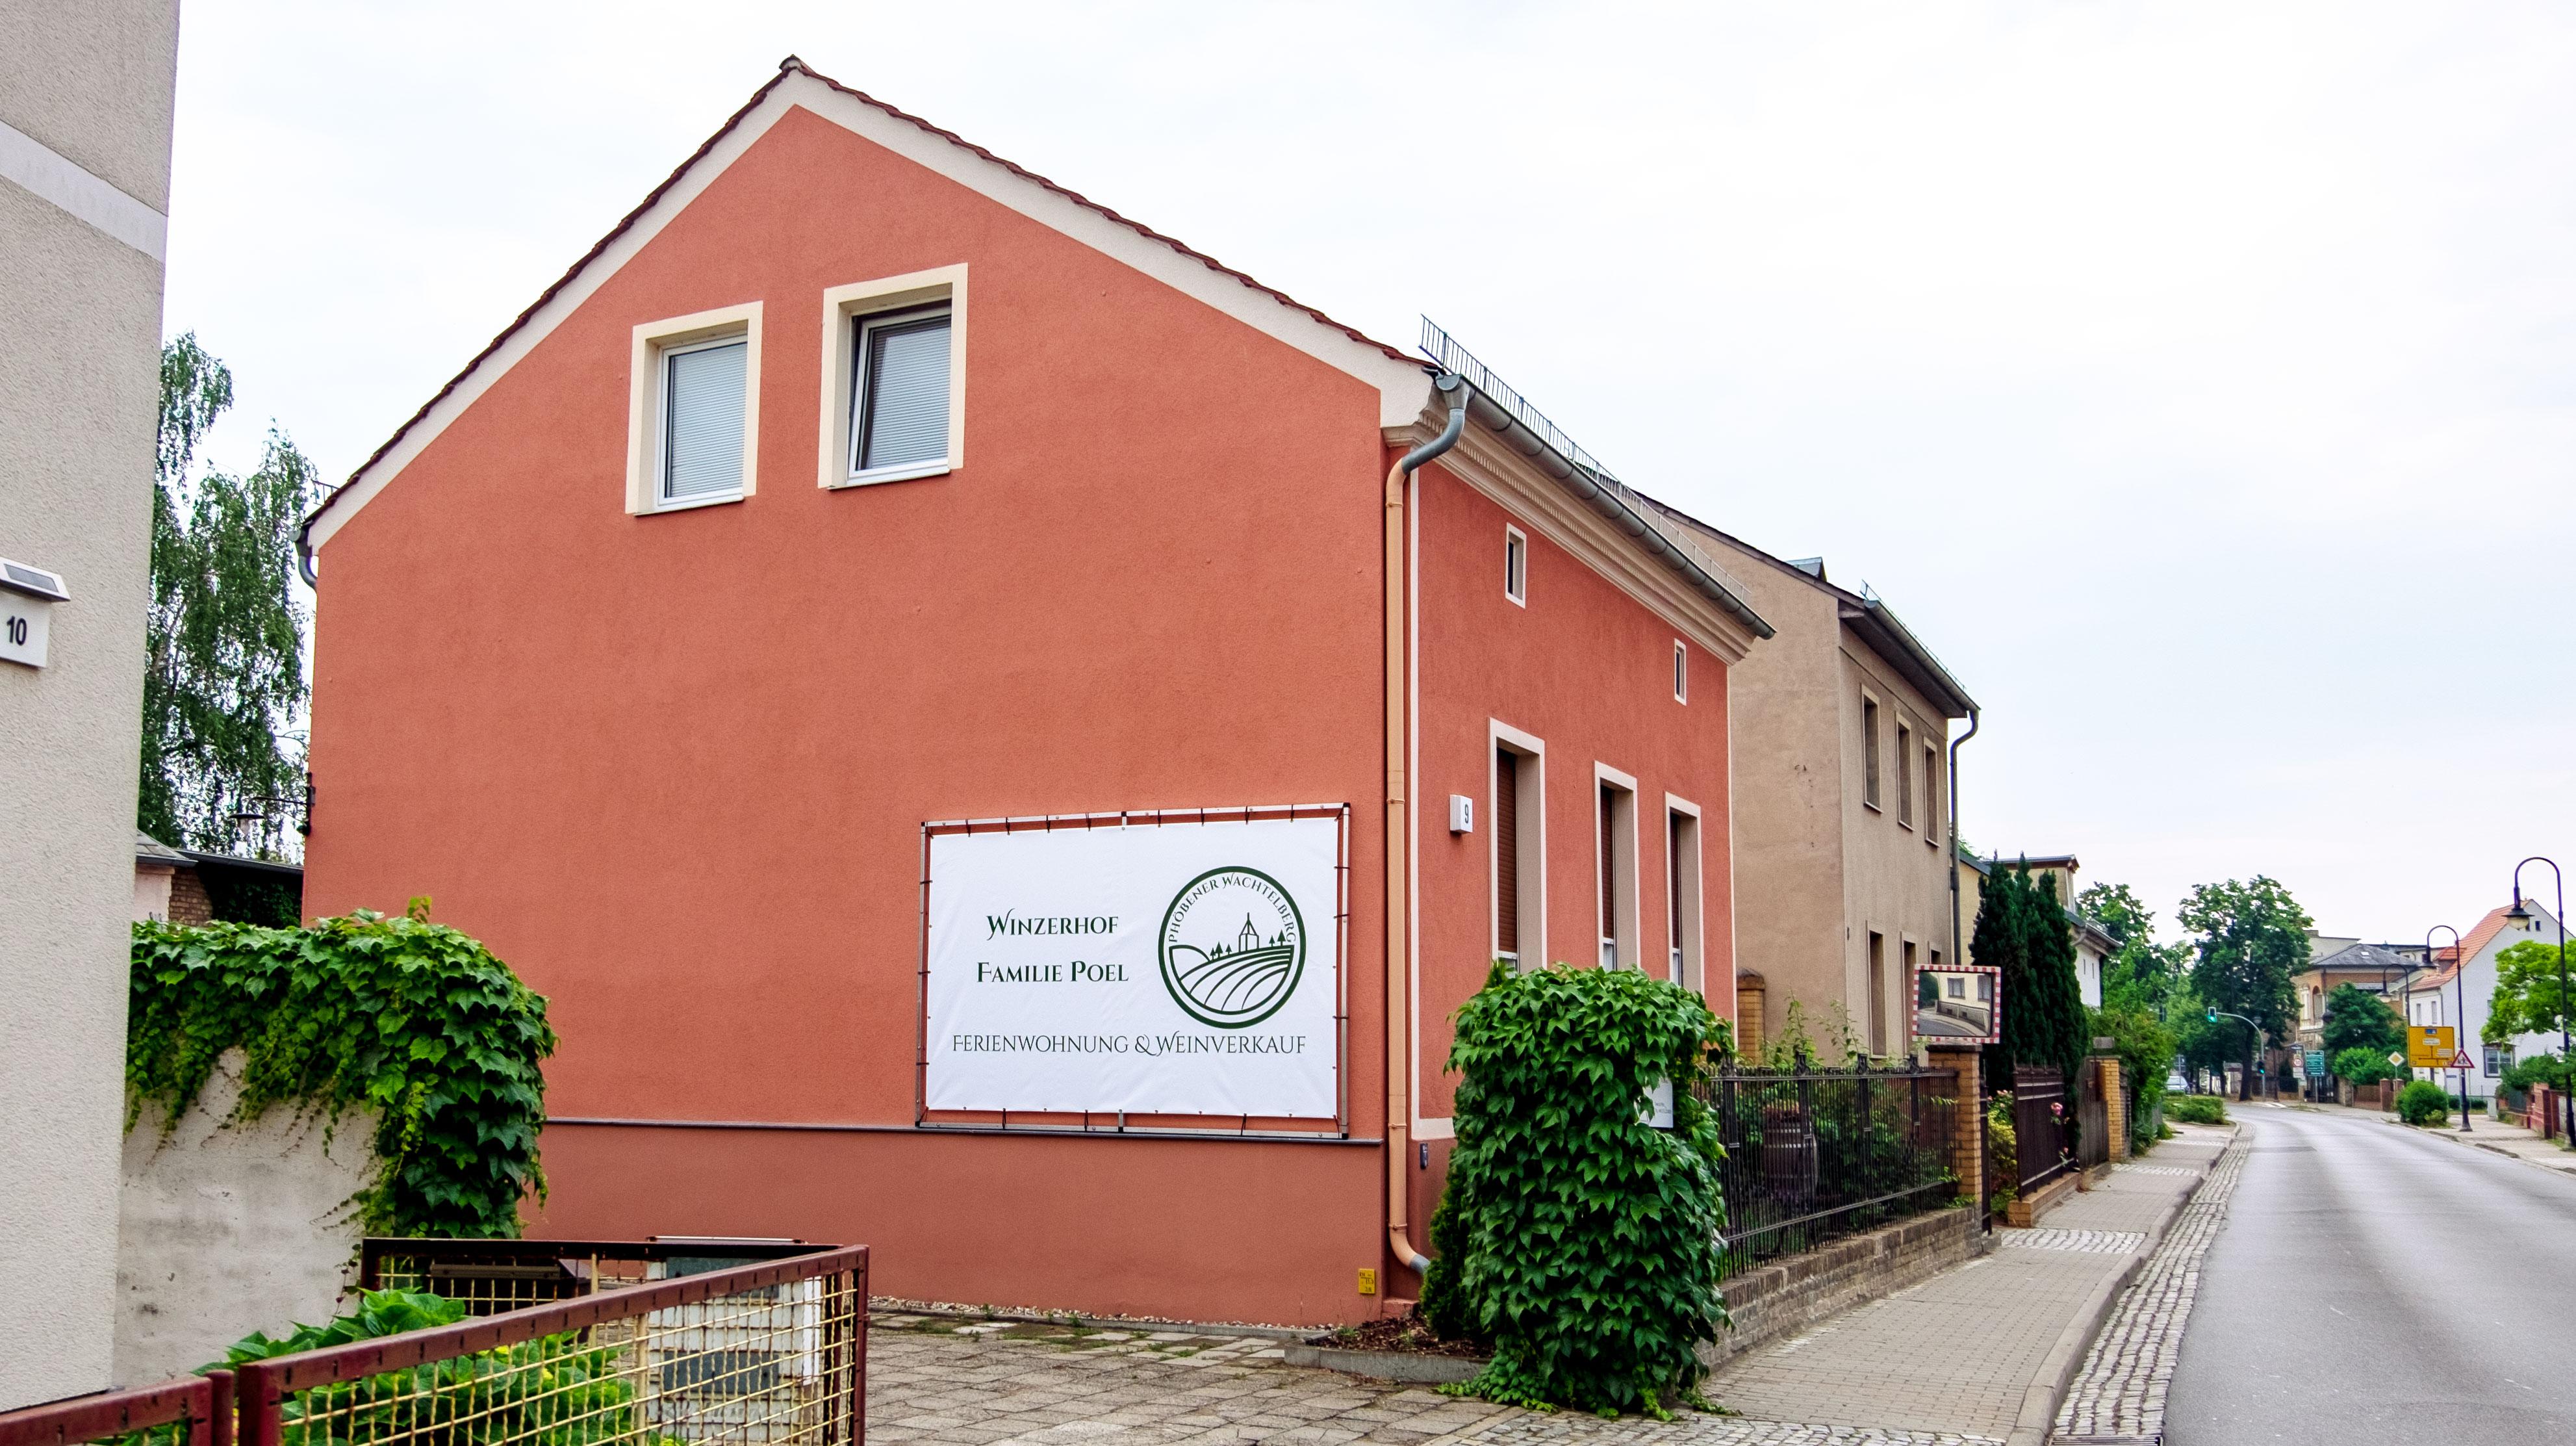 Ferienhaus im Winzerhof in Werder